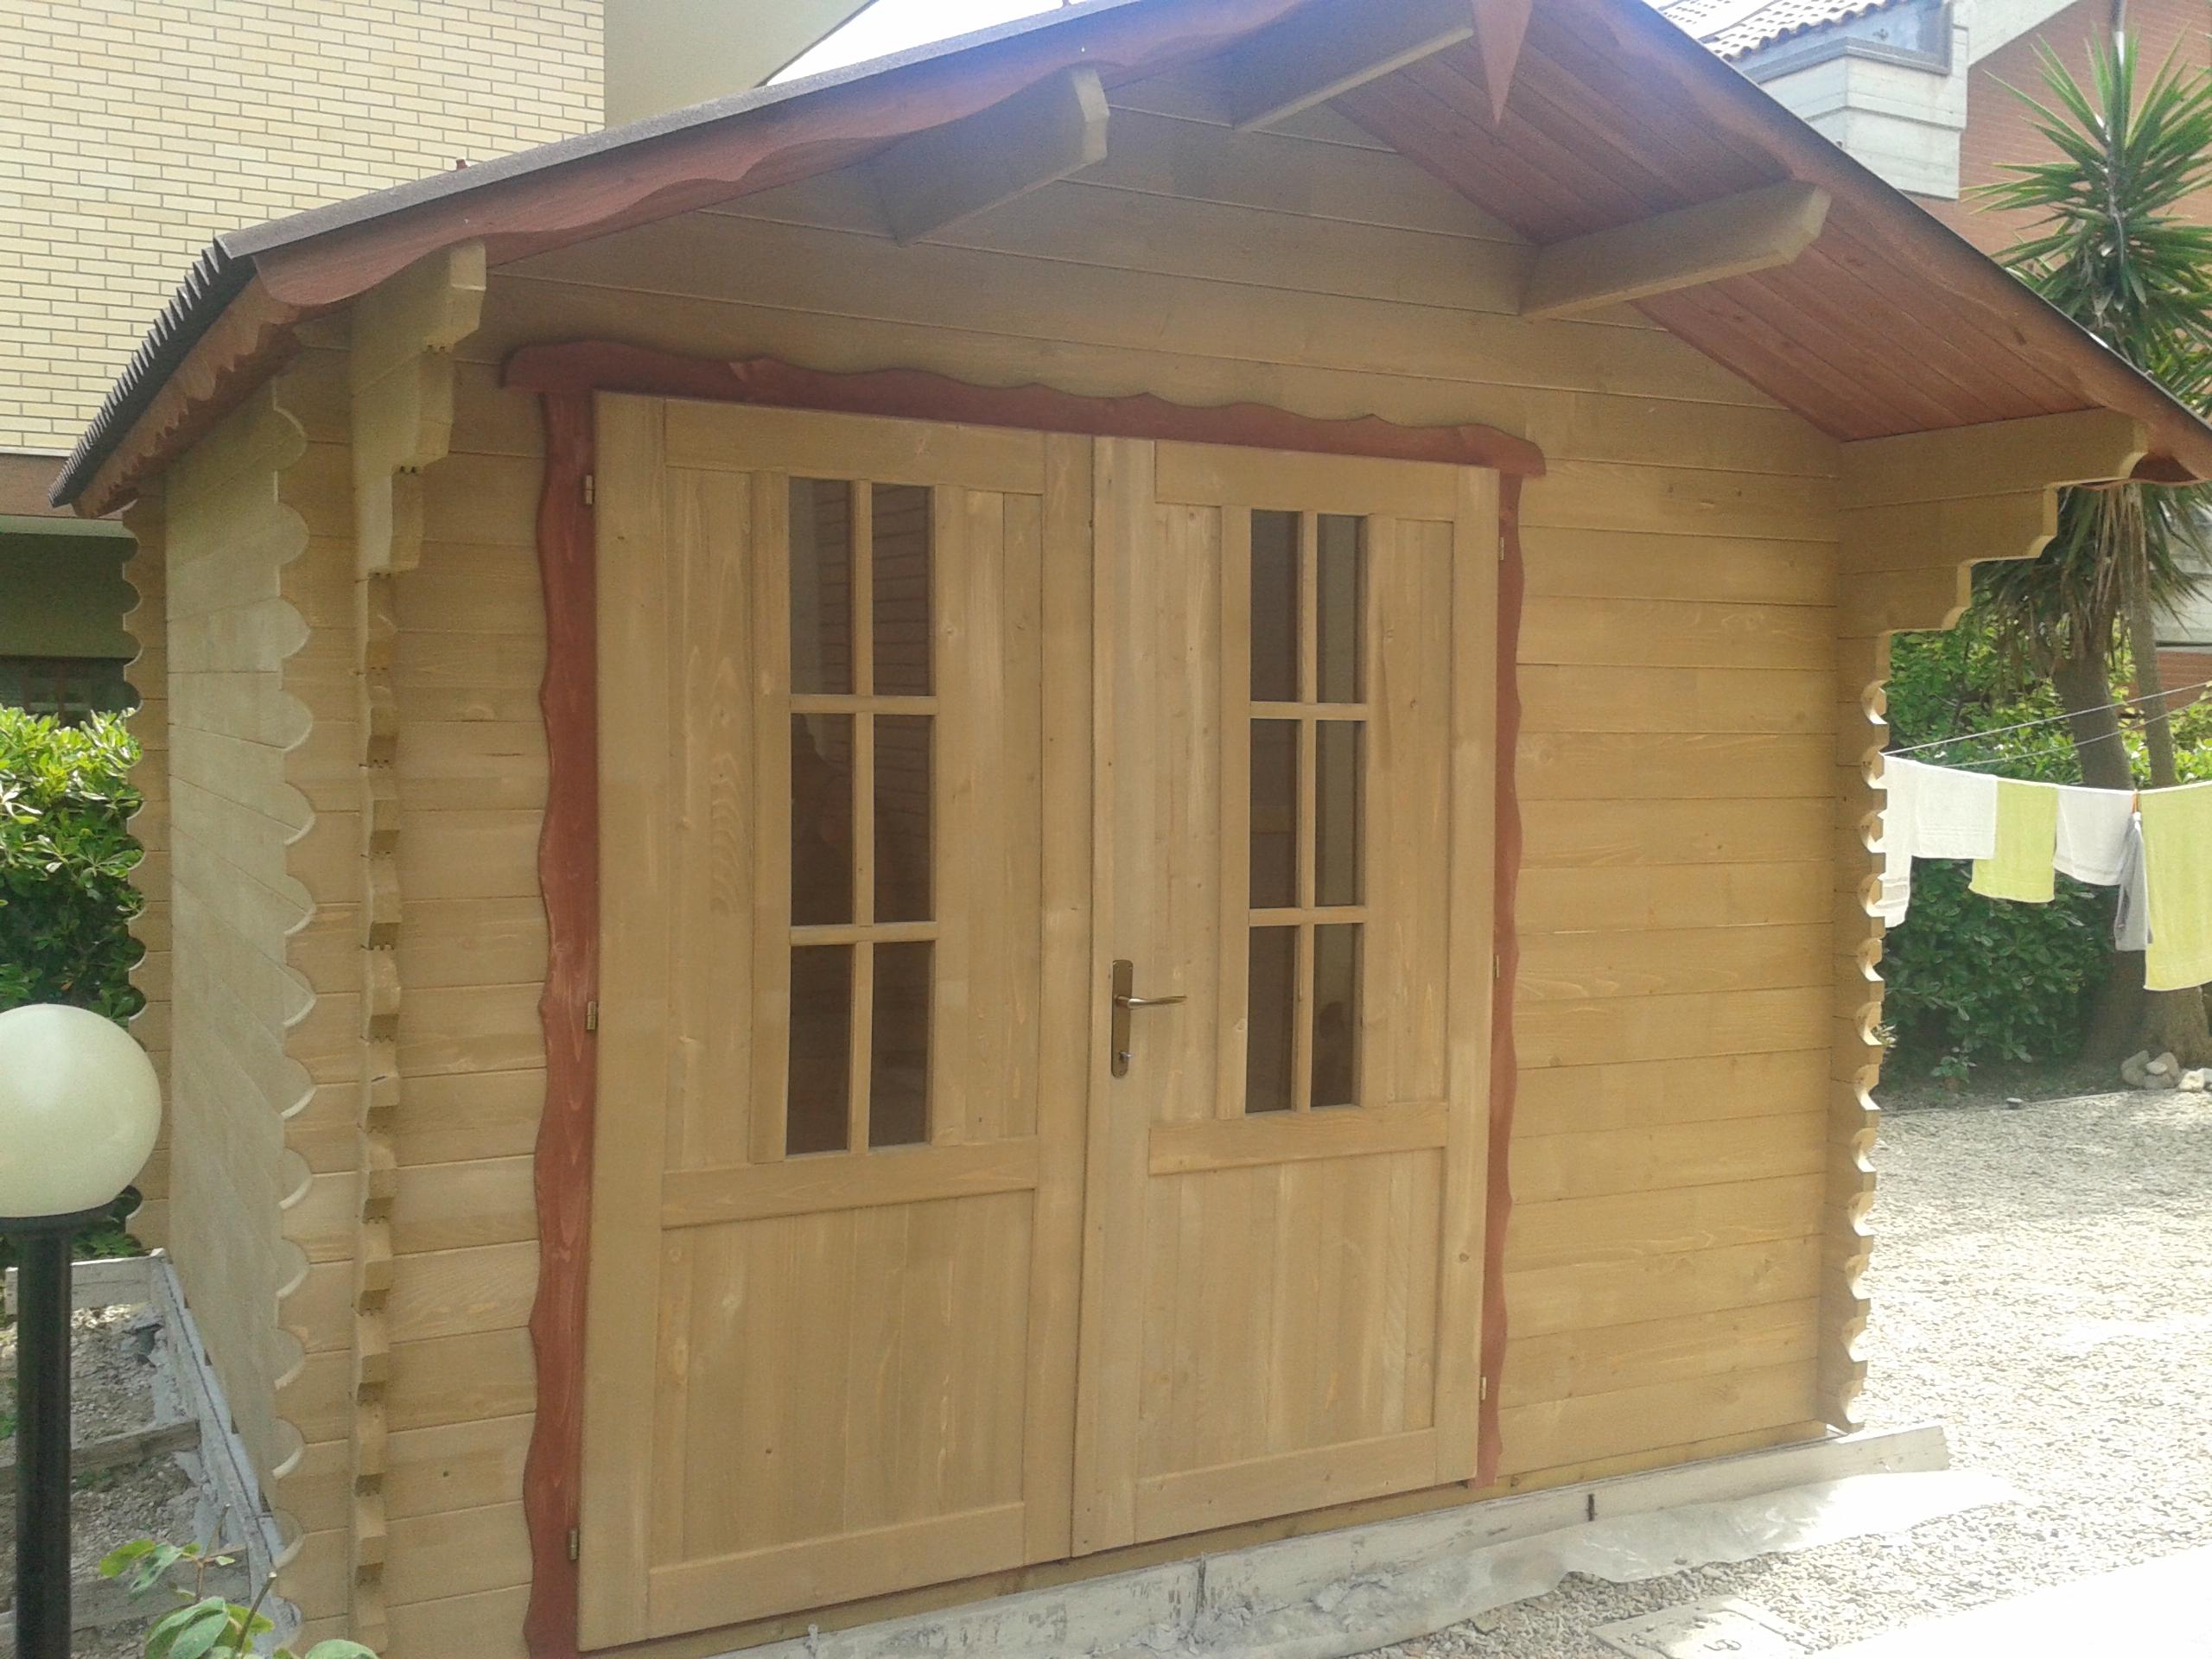 Casette in legno di abete 3x5 mt case in legno for Casette prefabbricate in cemento